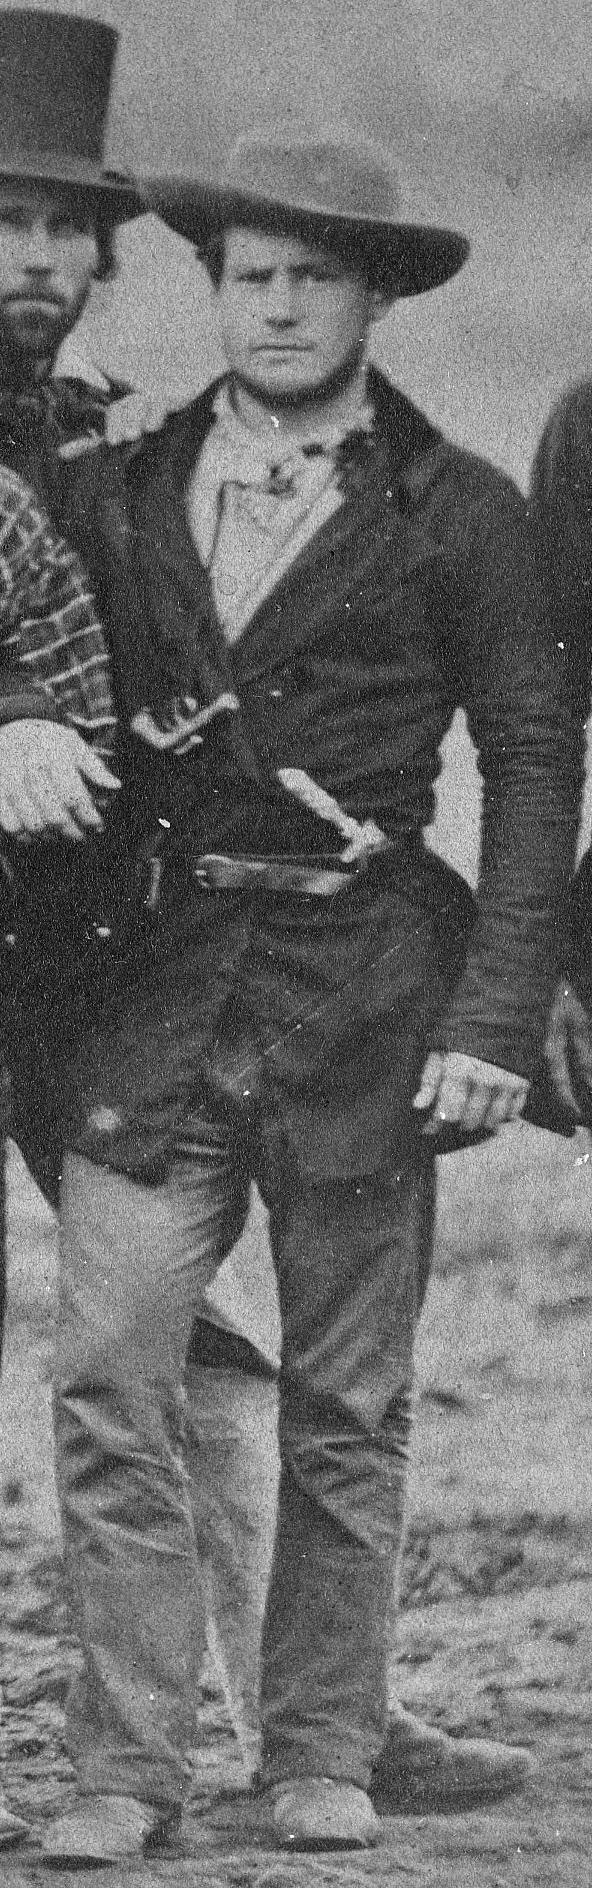 Captain Silas S. Soule 0422